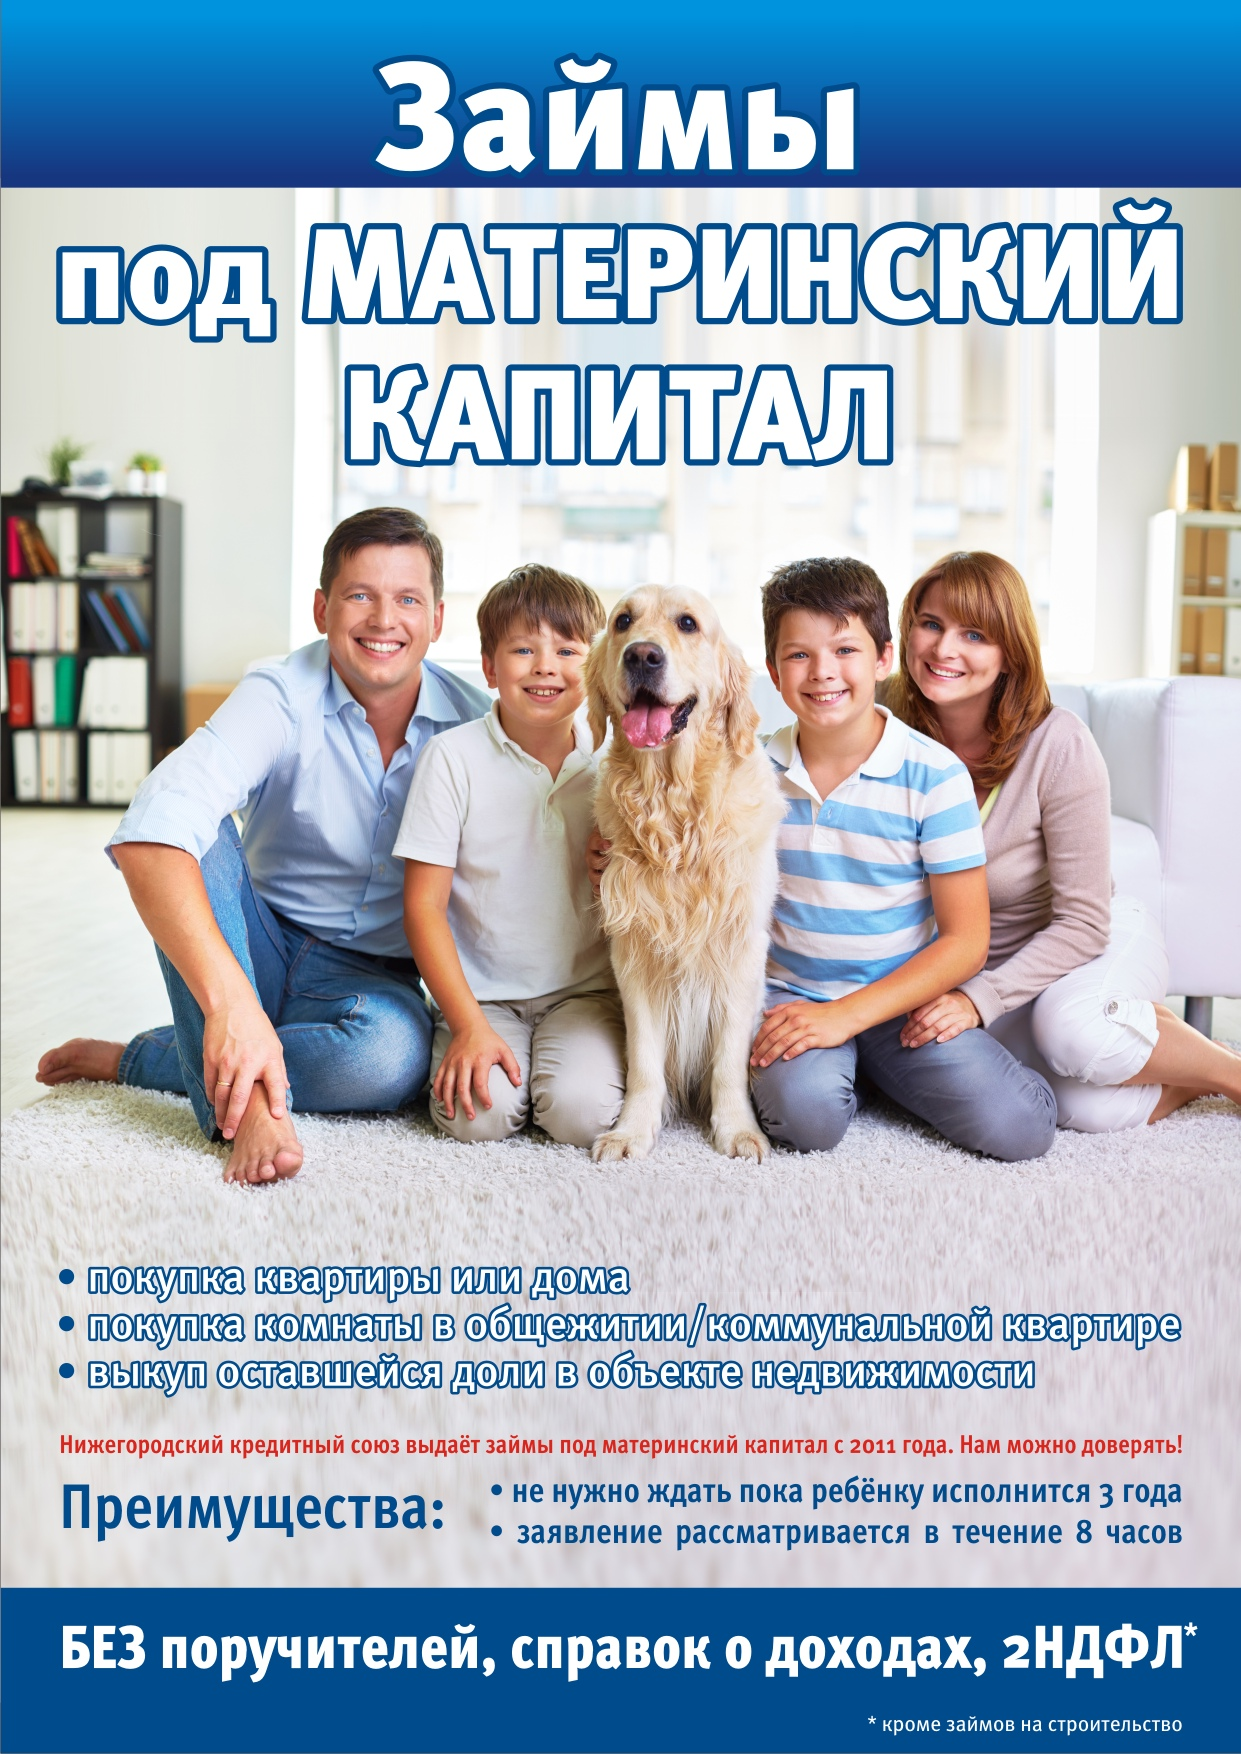 Теперь Нижегородский кредитный союз есть в соц.сетях!